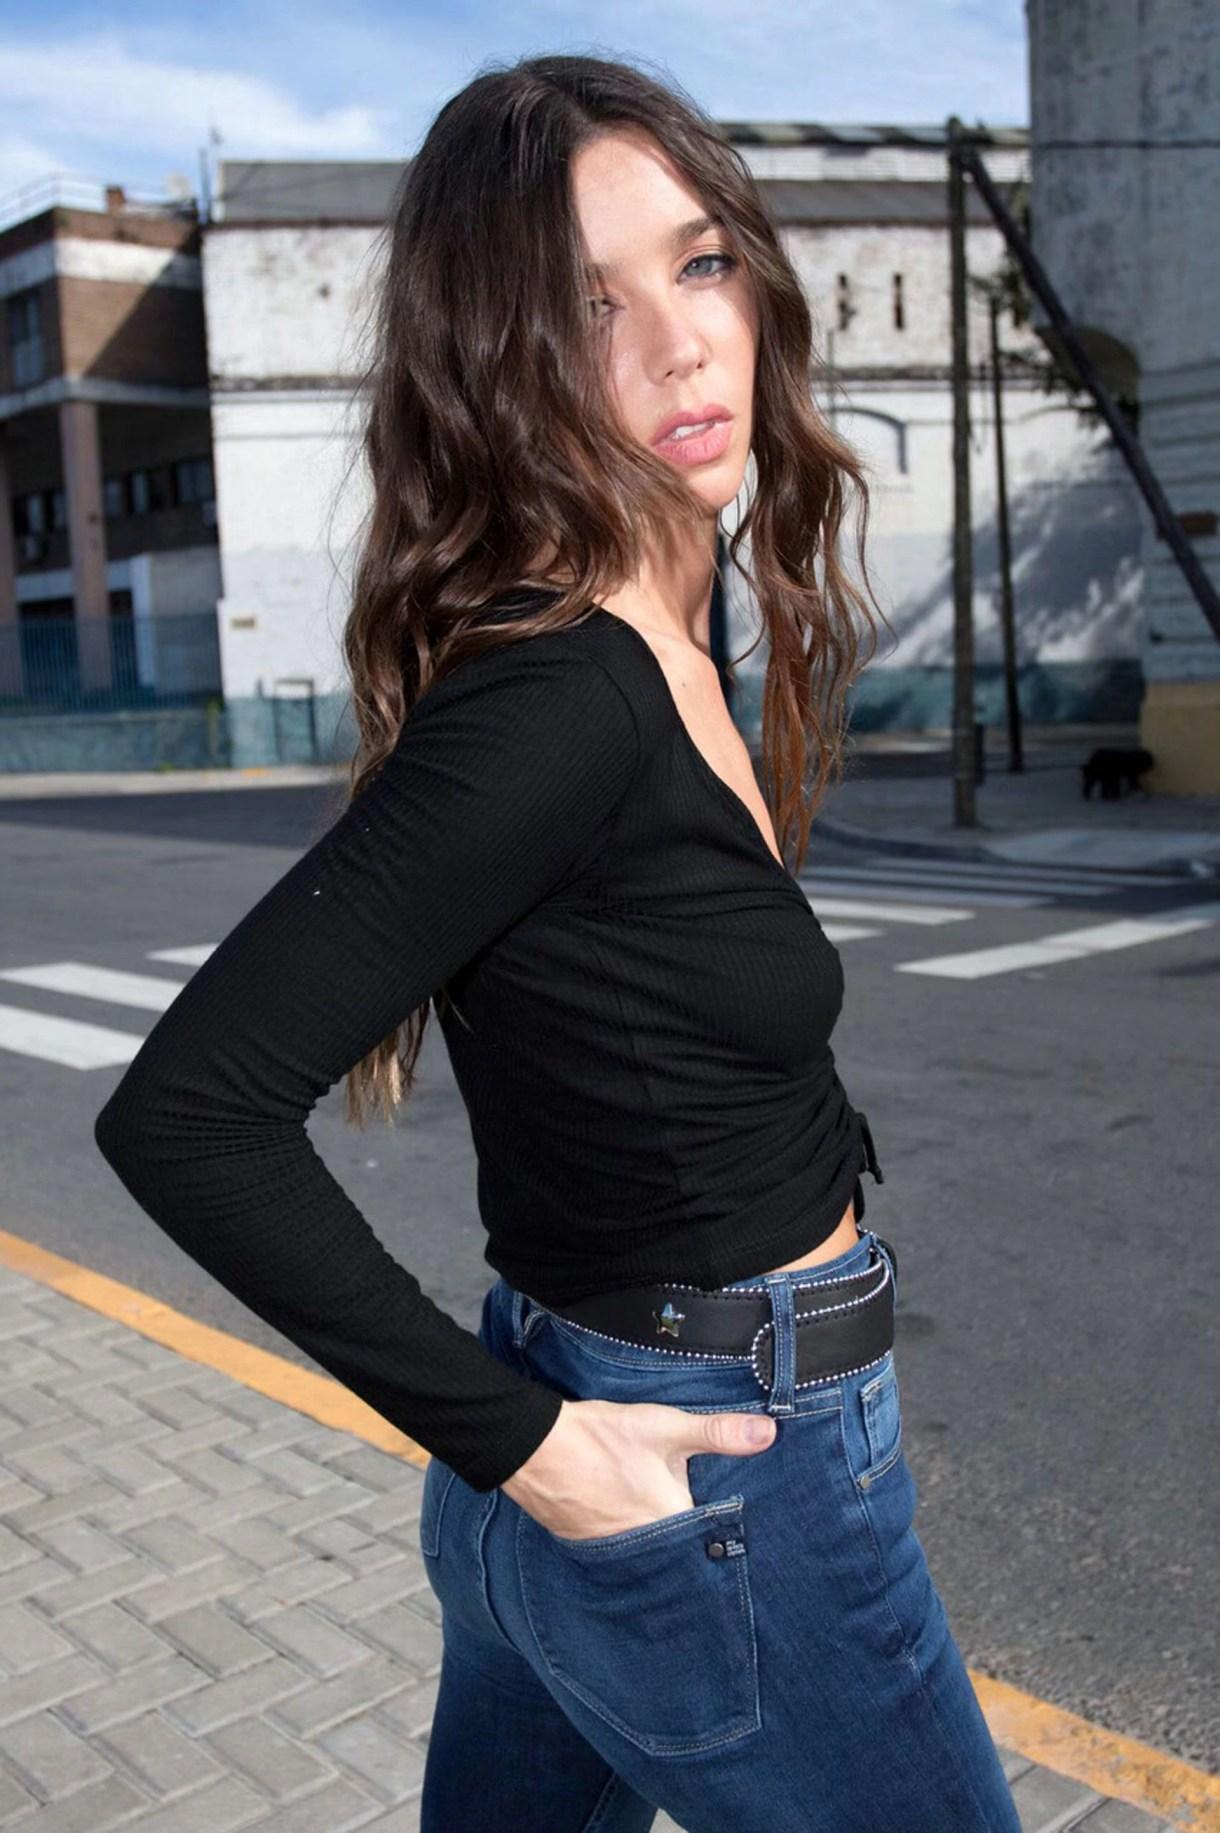 """Los favoritos de Lucía: """"Para el día tiene que ser muy simple y cómodo, con un par de jeans o unas buenas calzas engomadas, un sweater y abrigo estoy perfecta. Completo el look con una buena cartera, zapatillas o borcegos. De noche, juego más con los accesorios, los clutches y el color. Si el evento es muy exigente elijo un buen vestido que no sea pretencioso"""""""